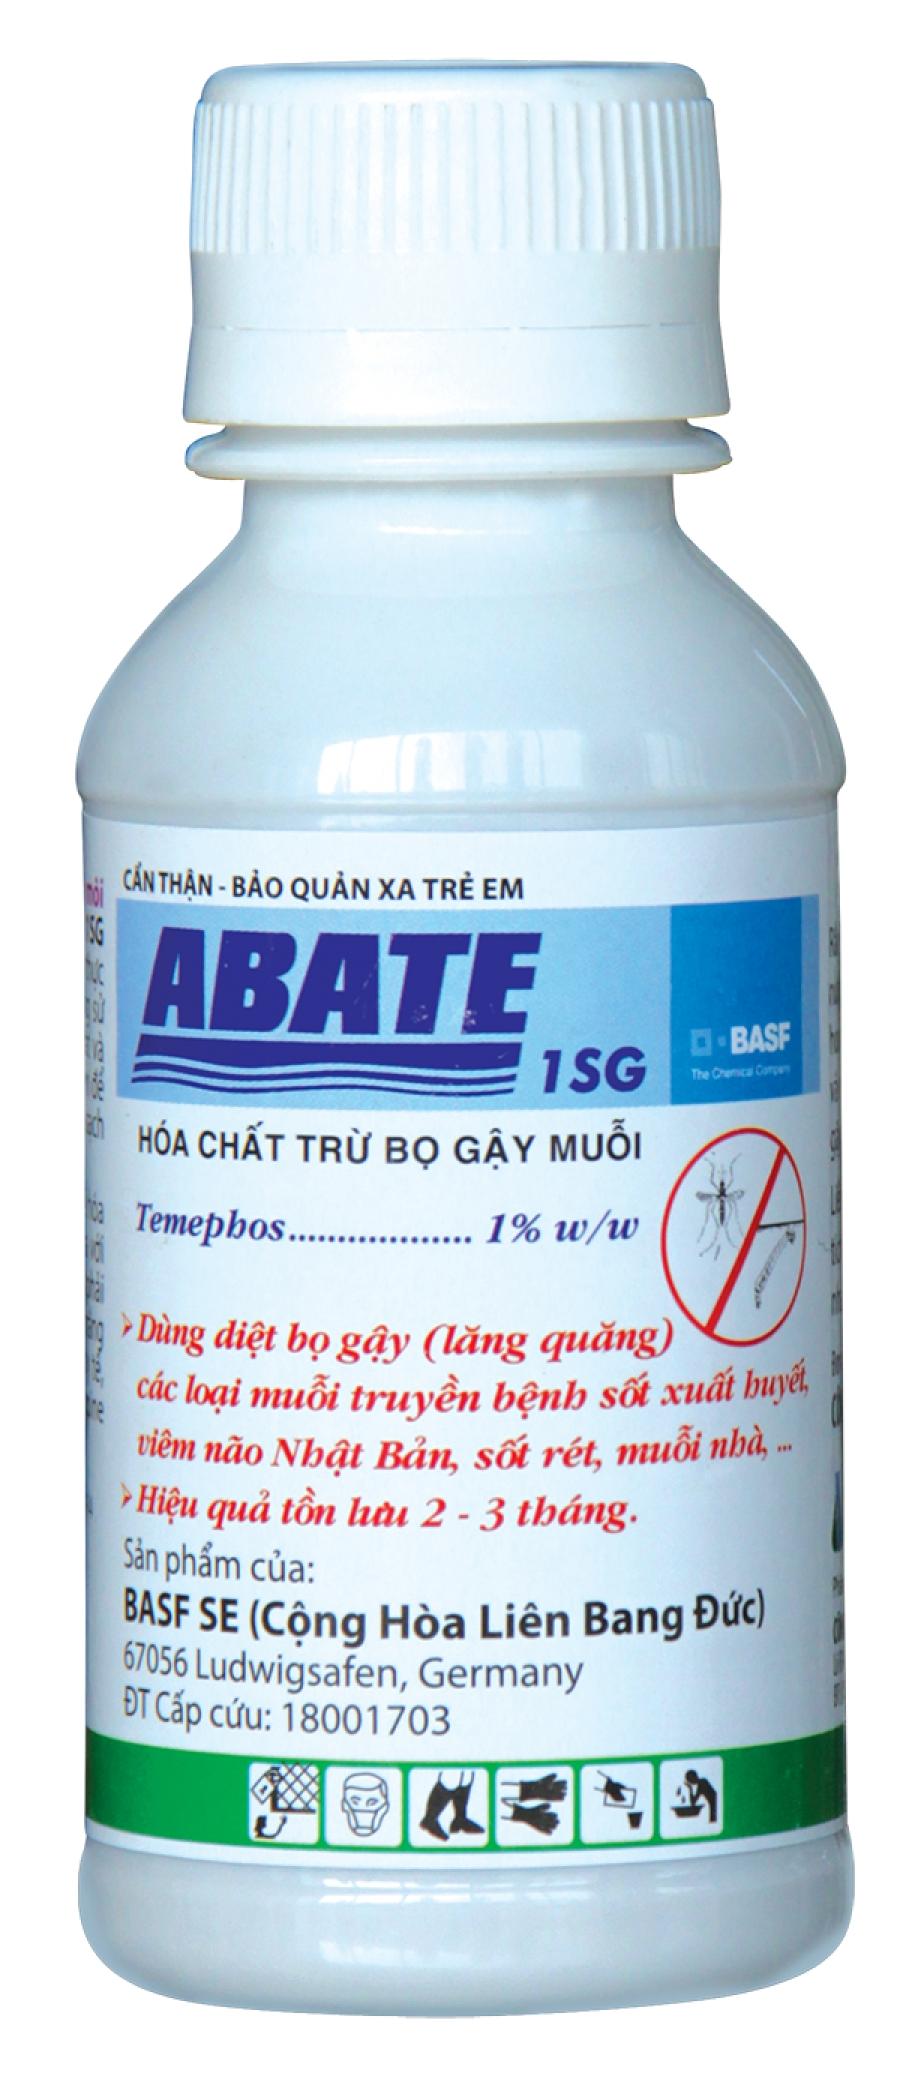 ABATE 1SG